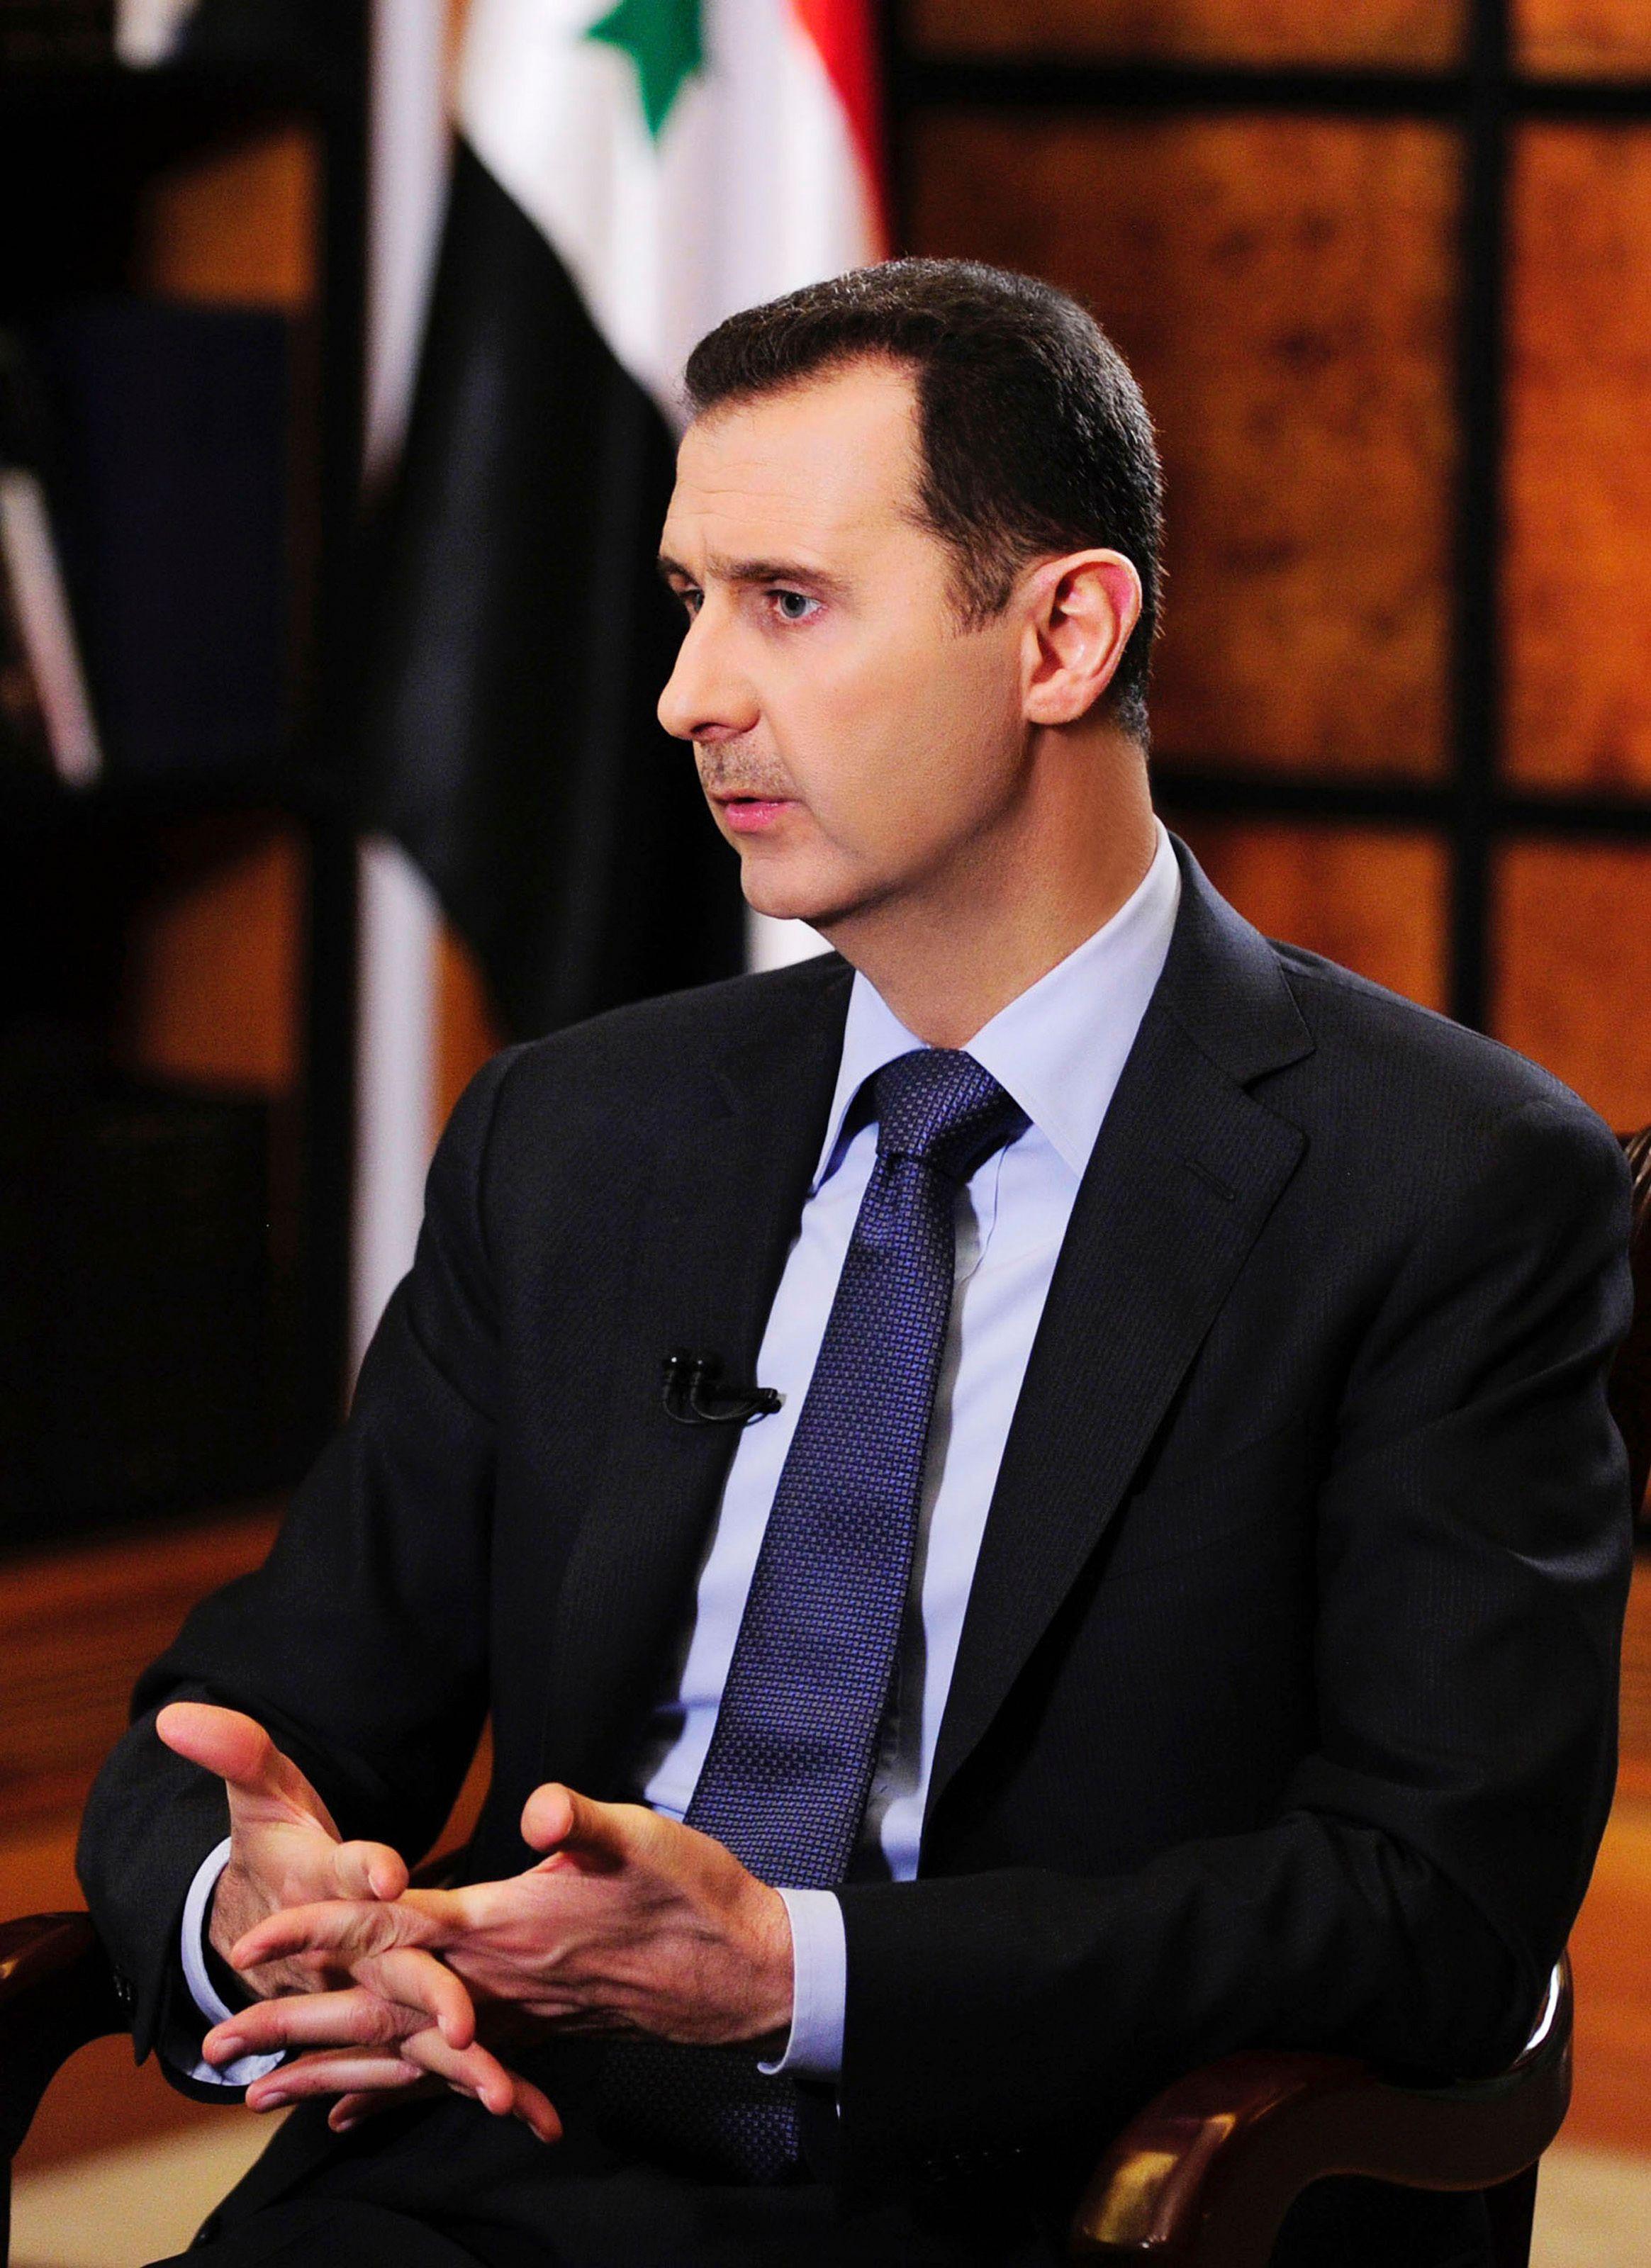 """Mardi 7 janvier dernier, l'EIIL a déclaré vouloir """"anéantir"""" les rebelles syriens suite aux affrontements fratricides survenus depuis le 3 janvier en Syrie"""